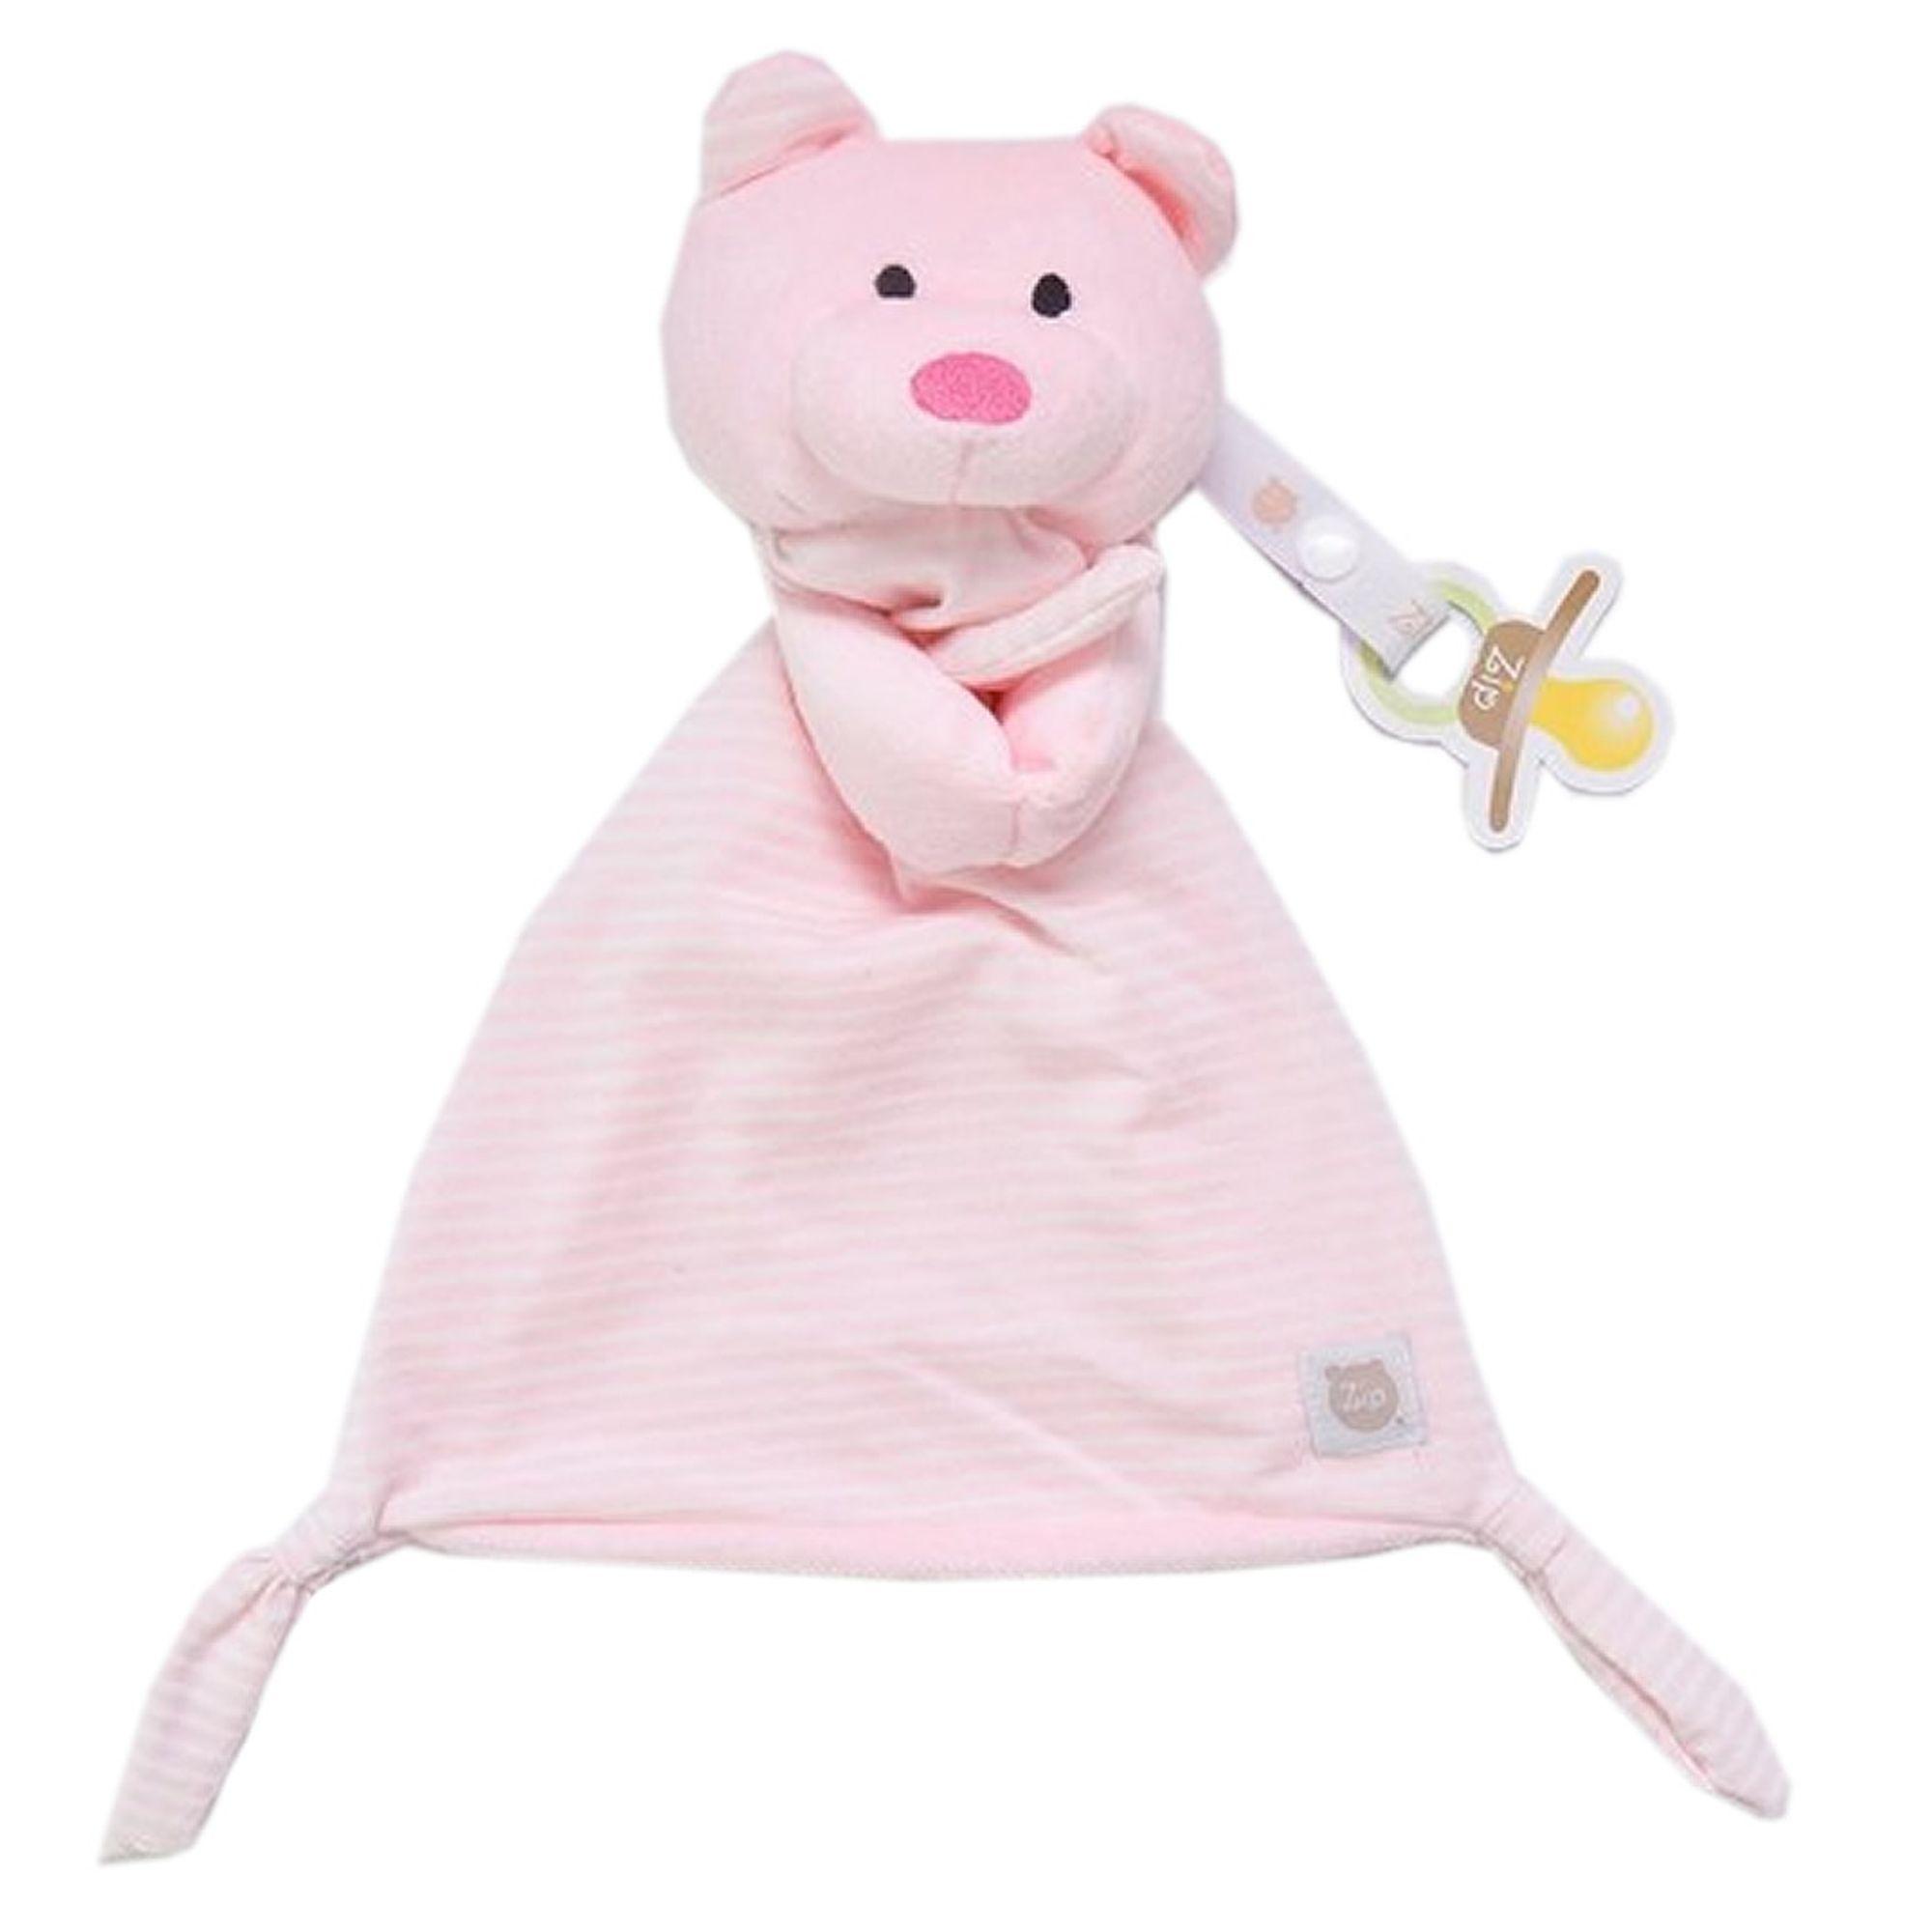 naninha-ursinho-com-carinho-listrado-rosa-claro-zip-toys